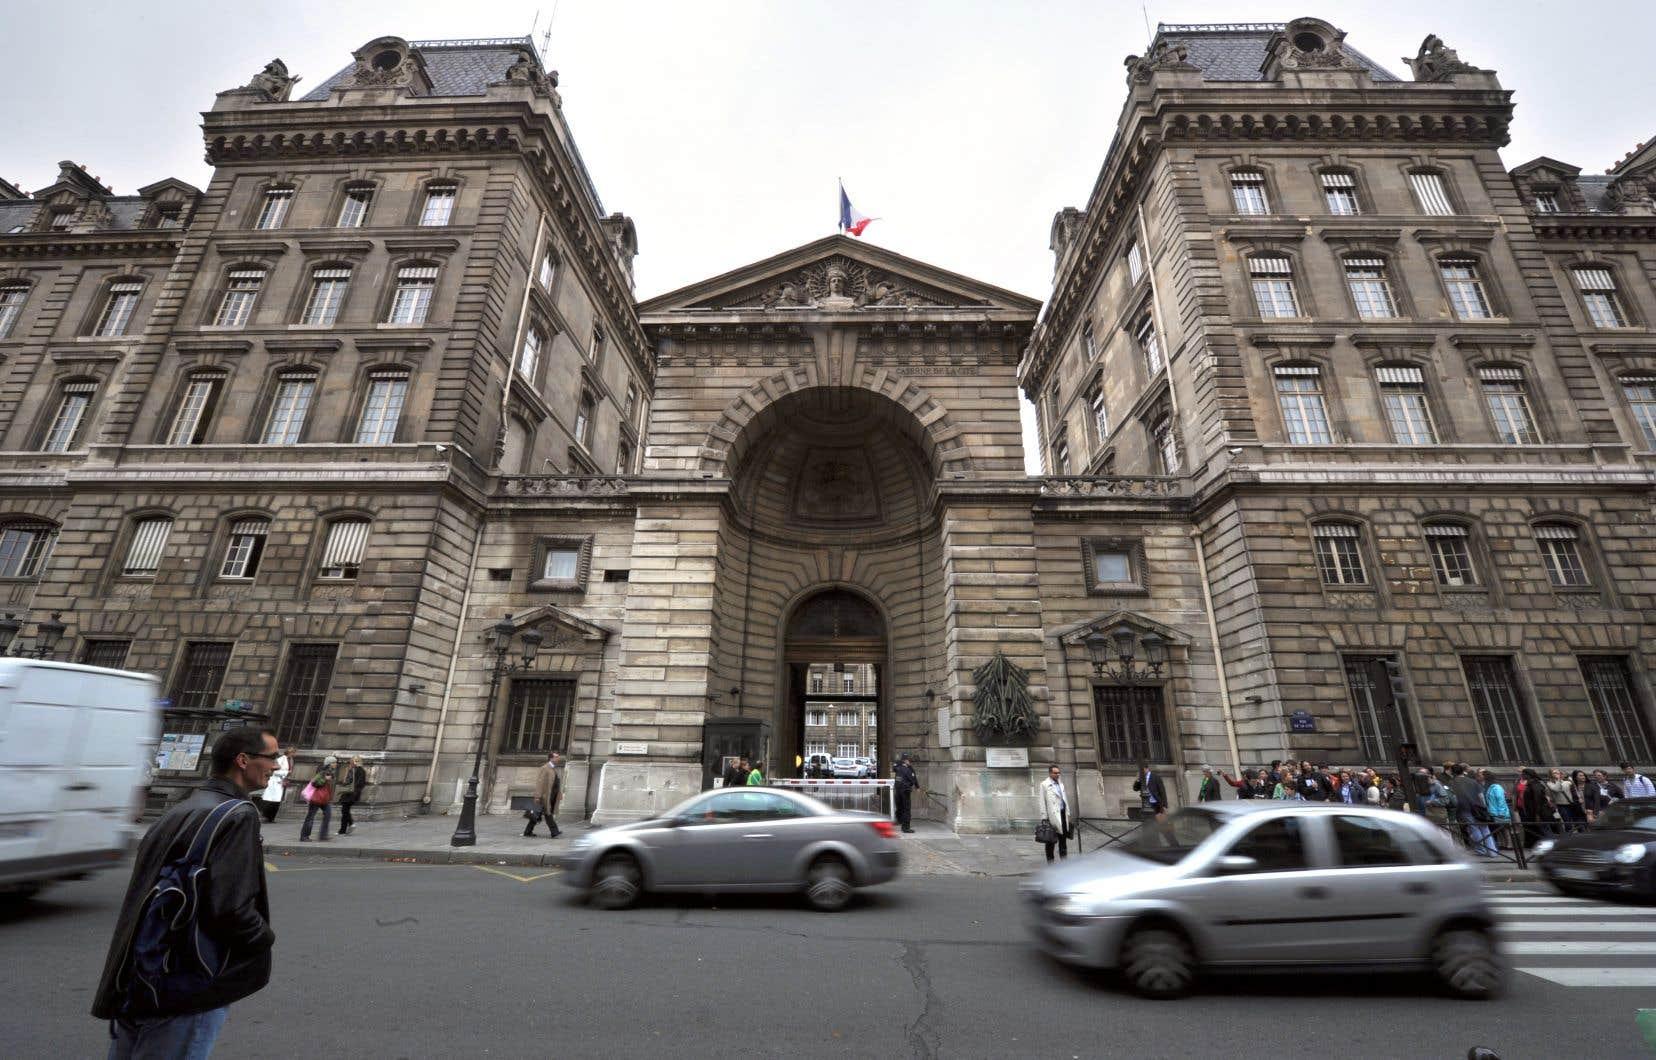 Le périmètre autour de la préfecture de police, située dans le centre historique de la capitale française, a été bouclé.